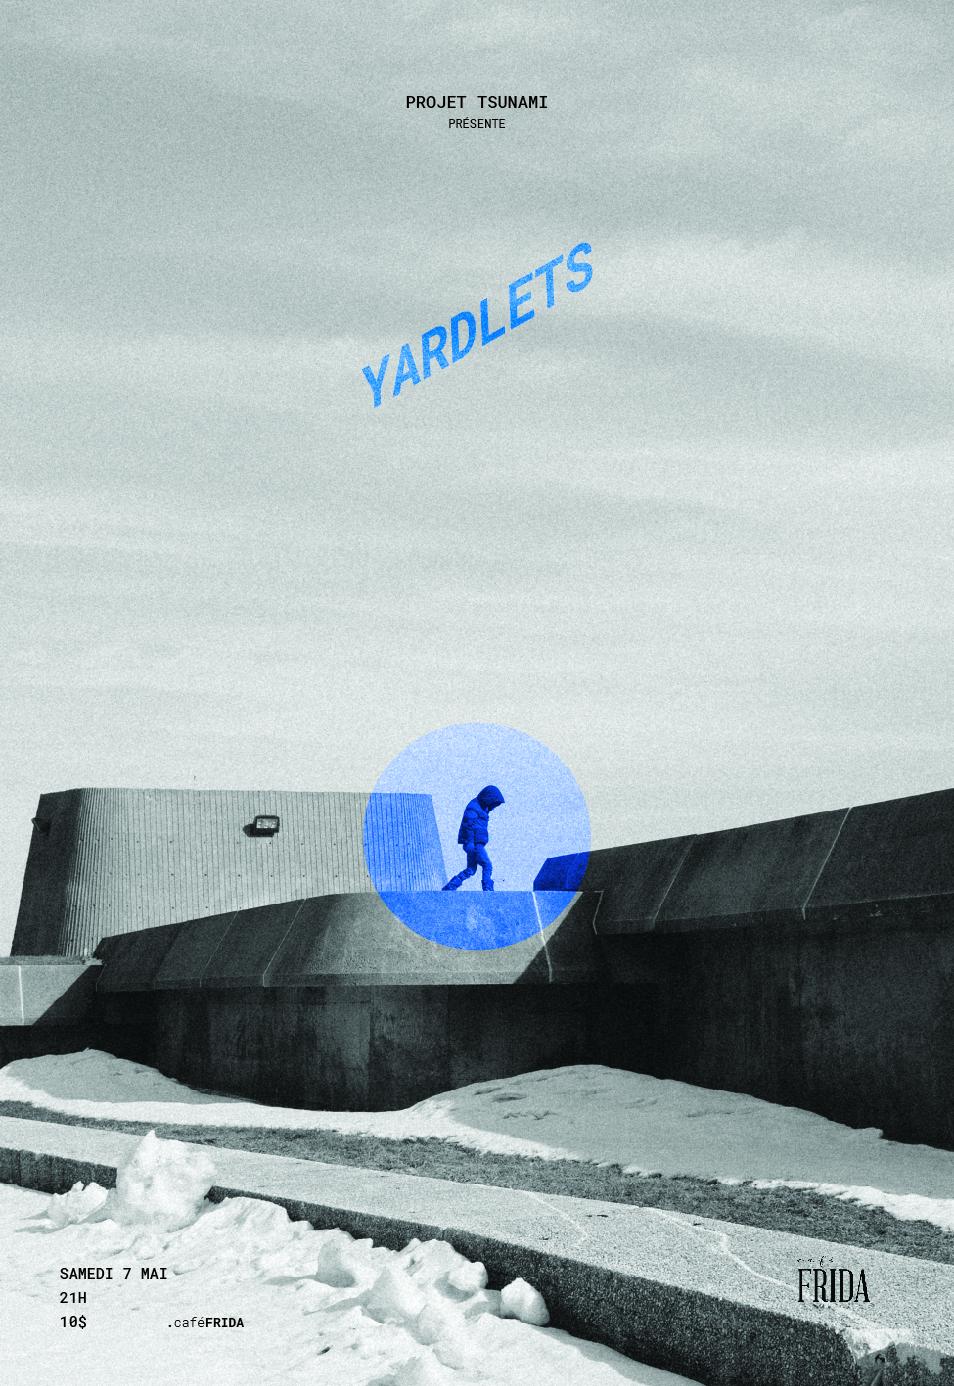 AFFICHE_YARDLETS-01.jpg